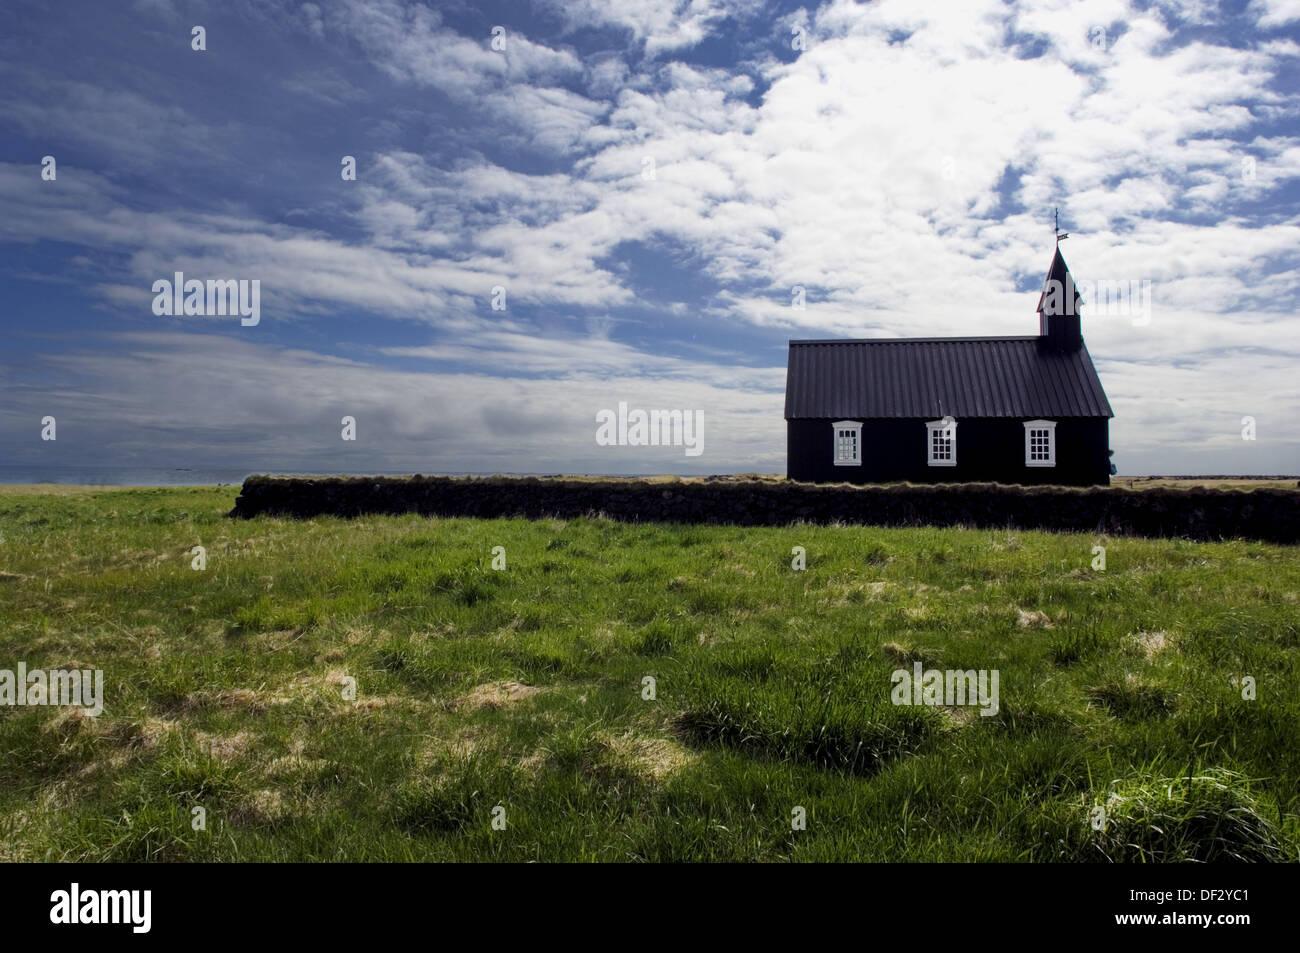 Isolation - Stock Image